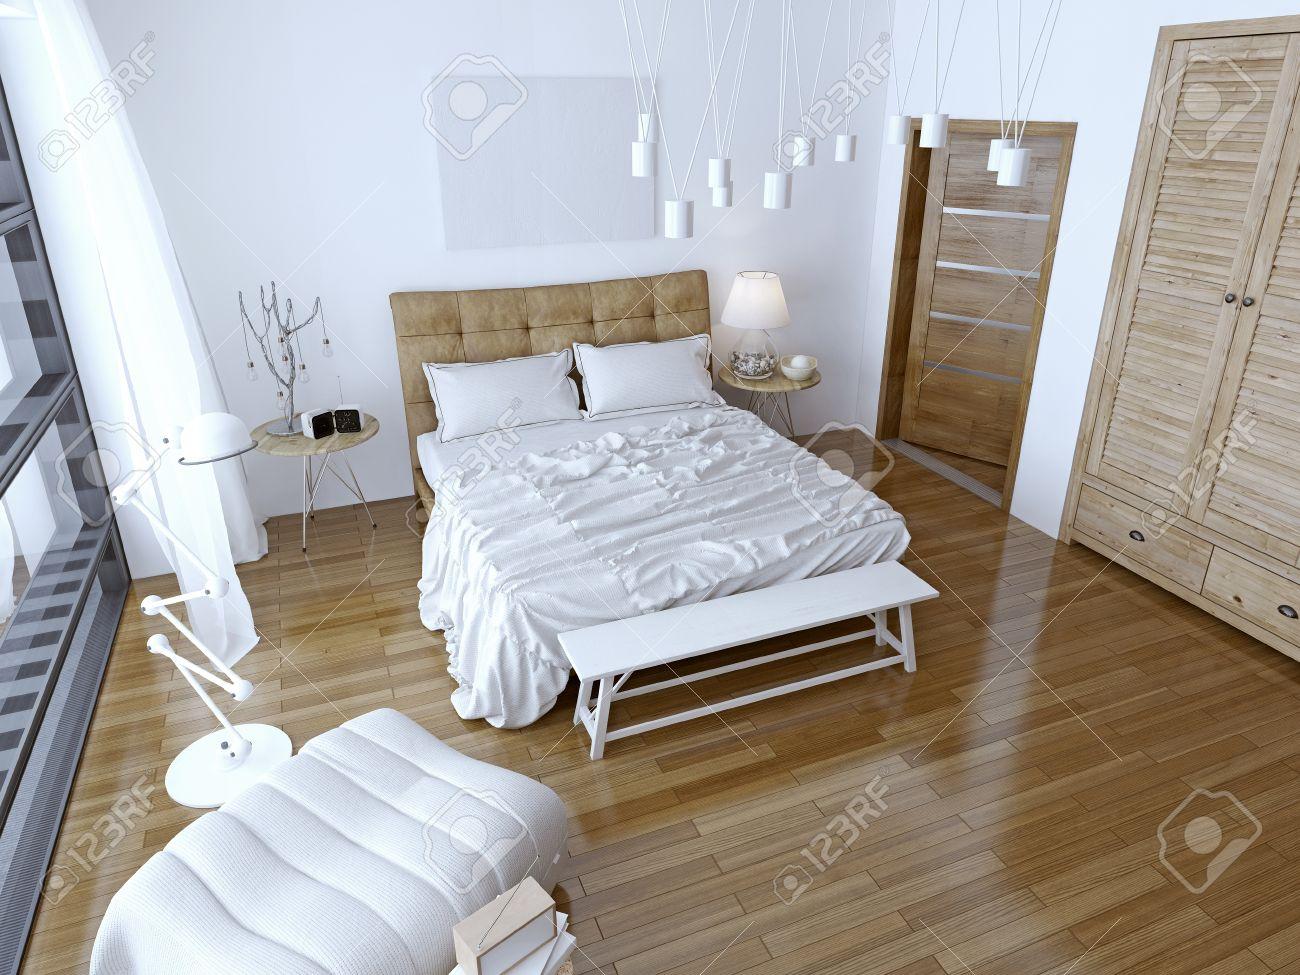 Moderna sovrum med brun säng och vit vägg. rymliga rum med en ...